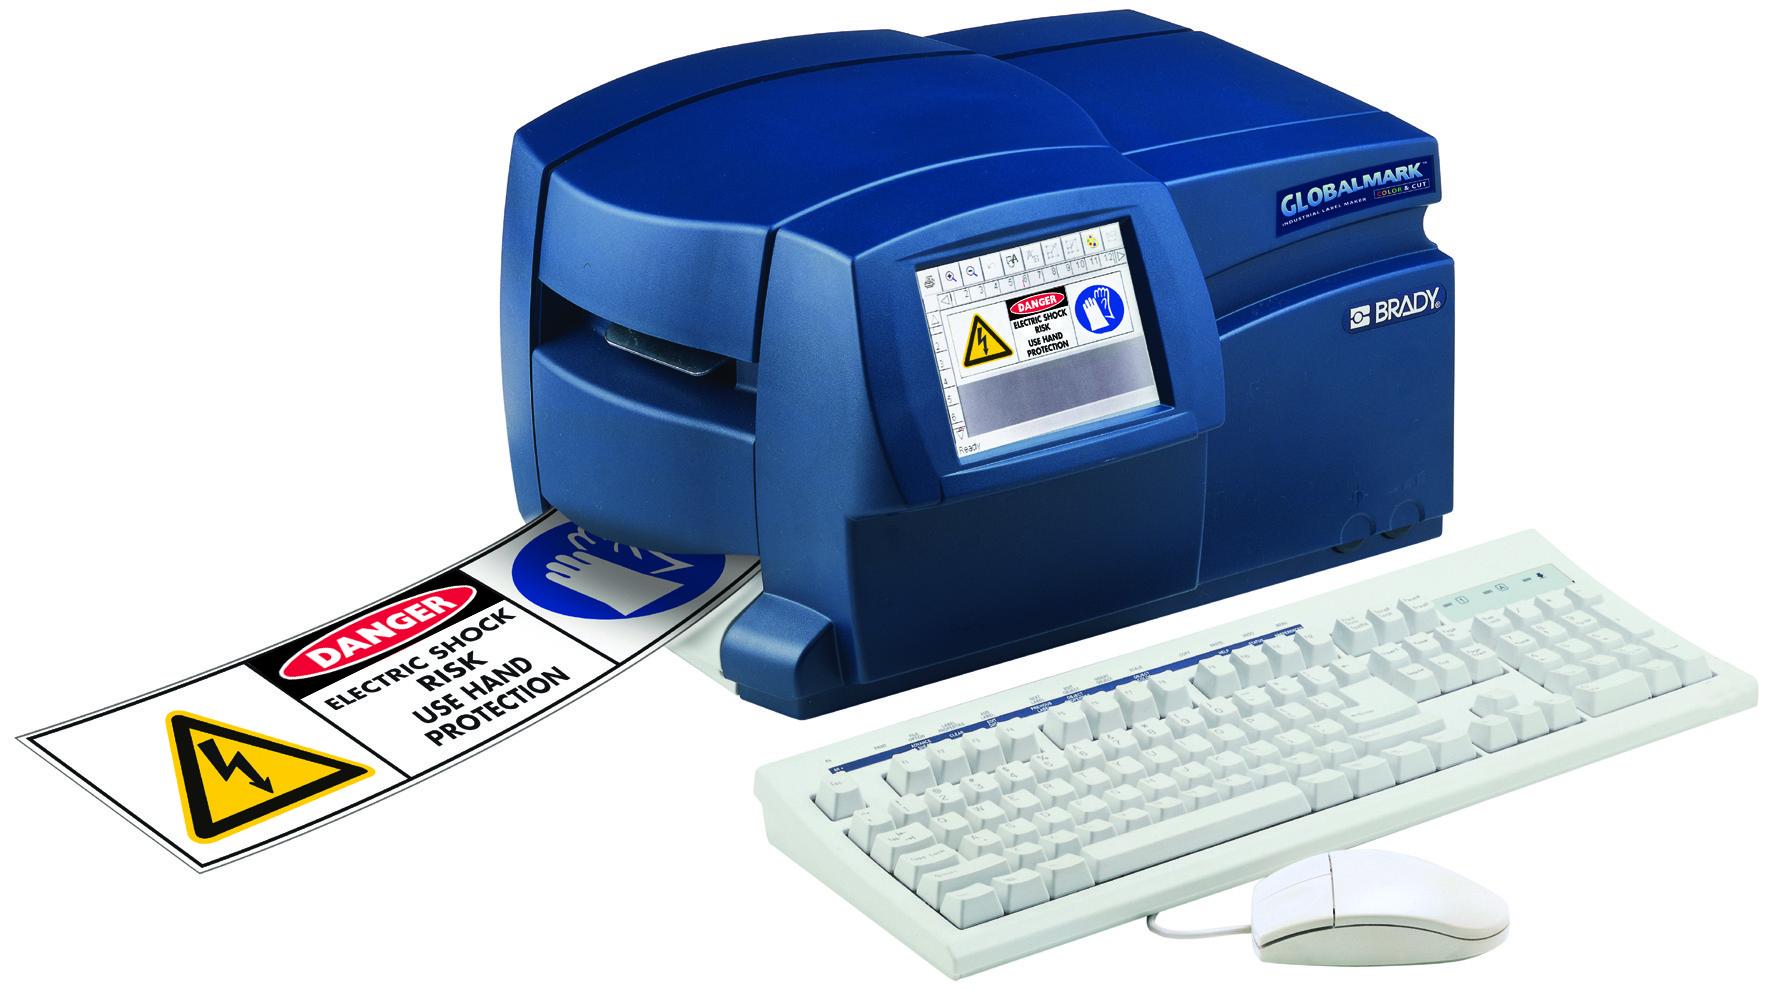 Desktop Industrial Printing - Teksal